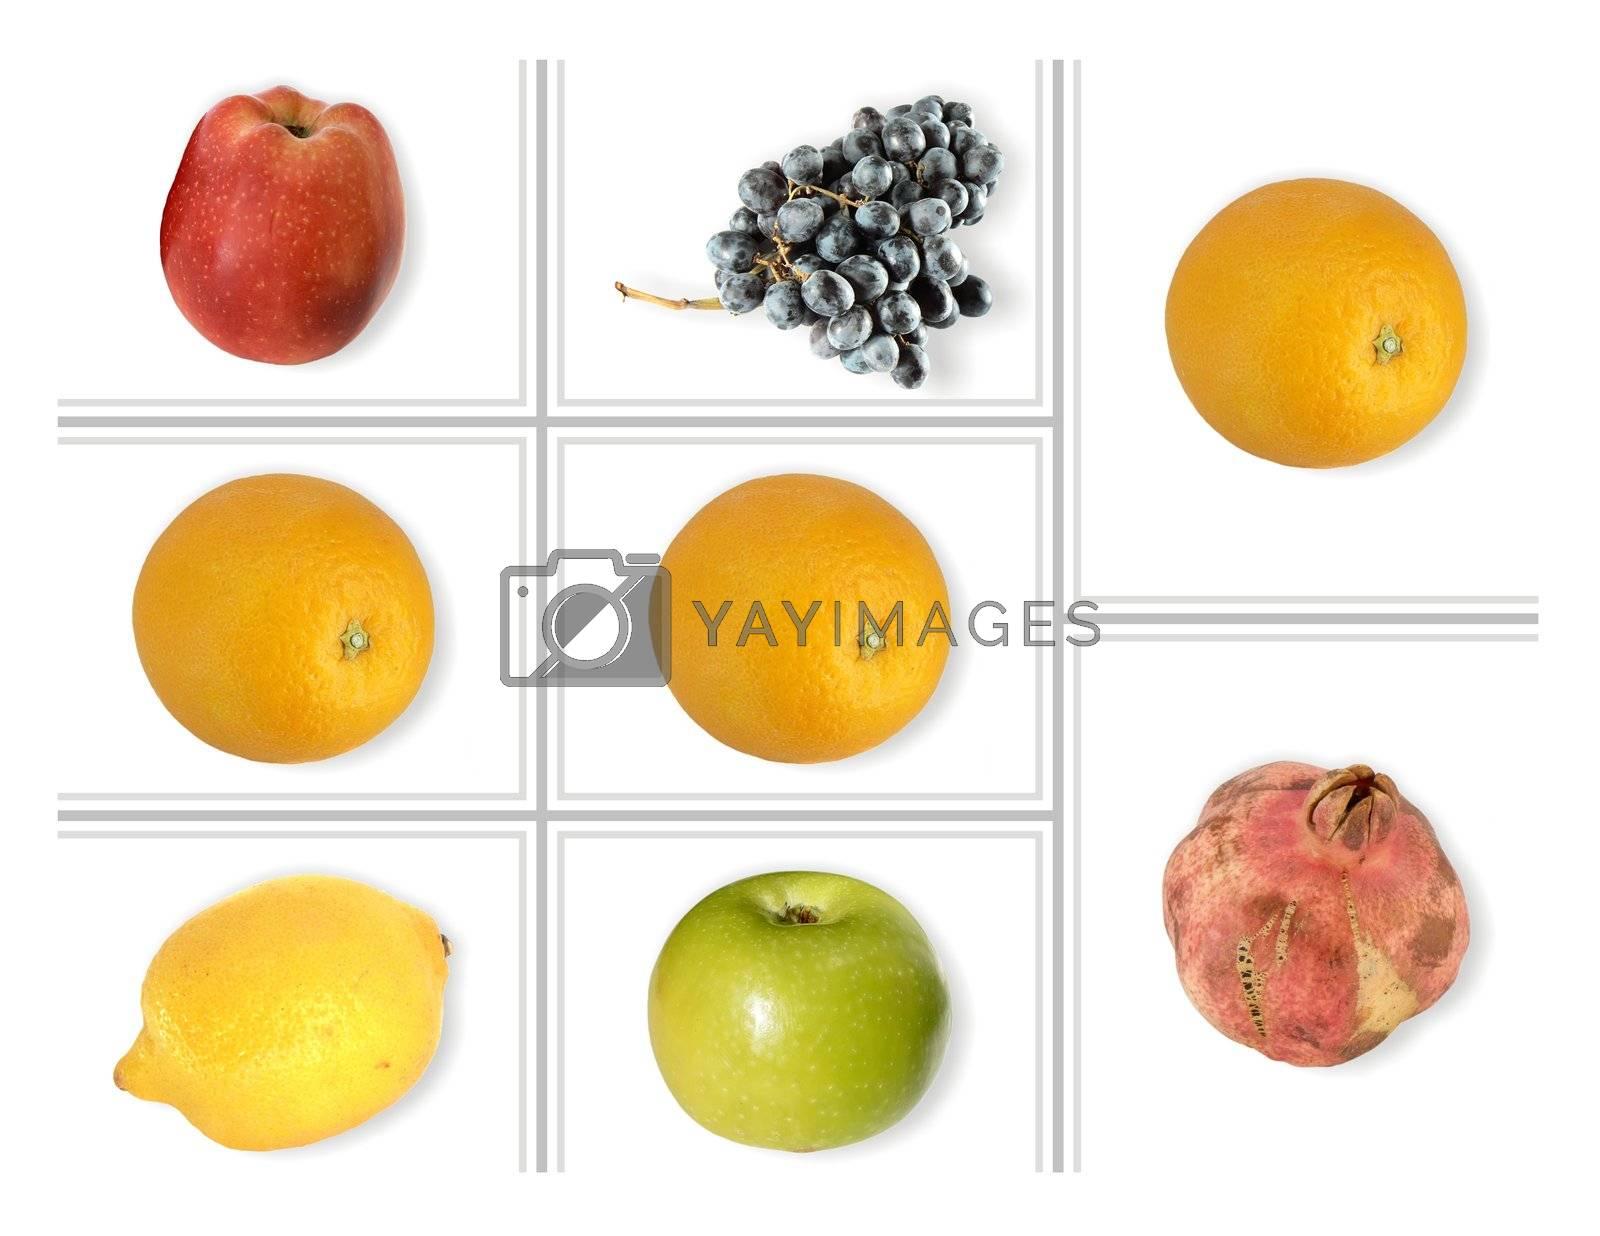 fruits like in slot machine